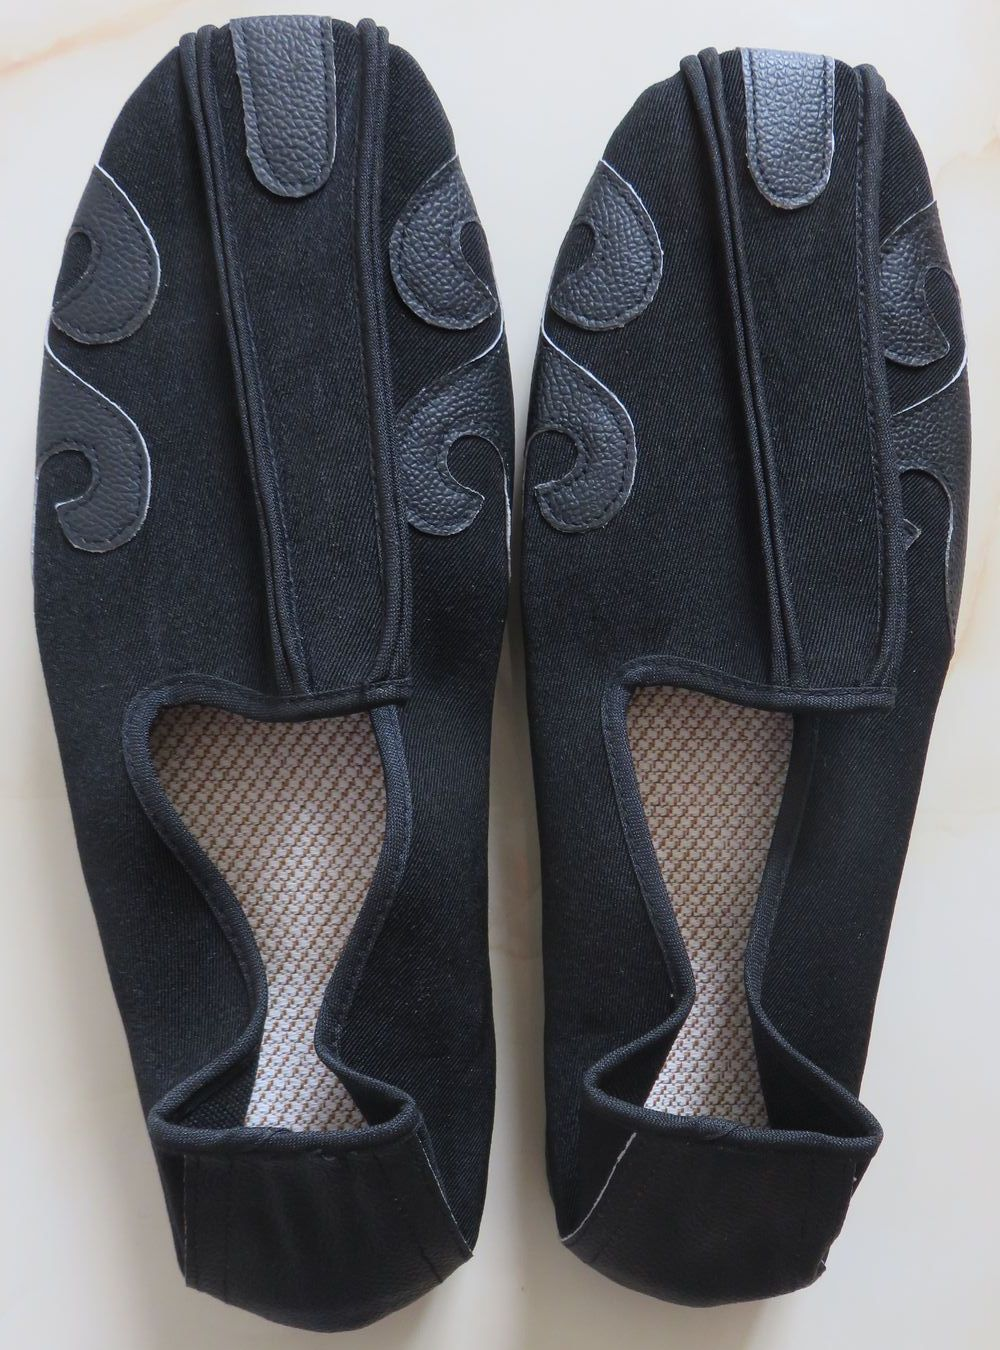 Обуви Wudang с облачным крючком обуви для тренировок боевые искусства тайчи обувь